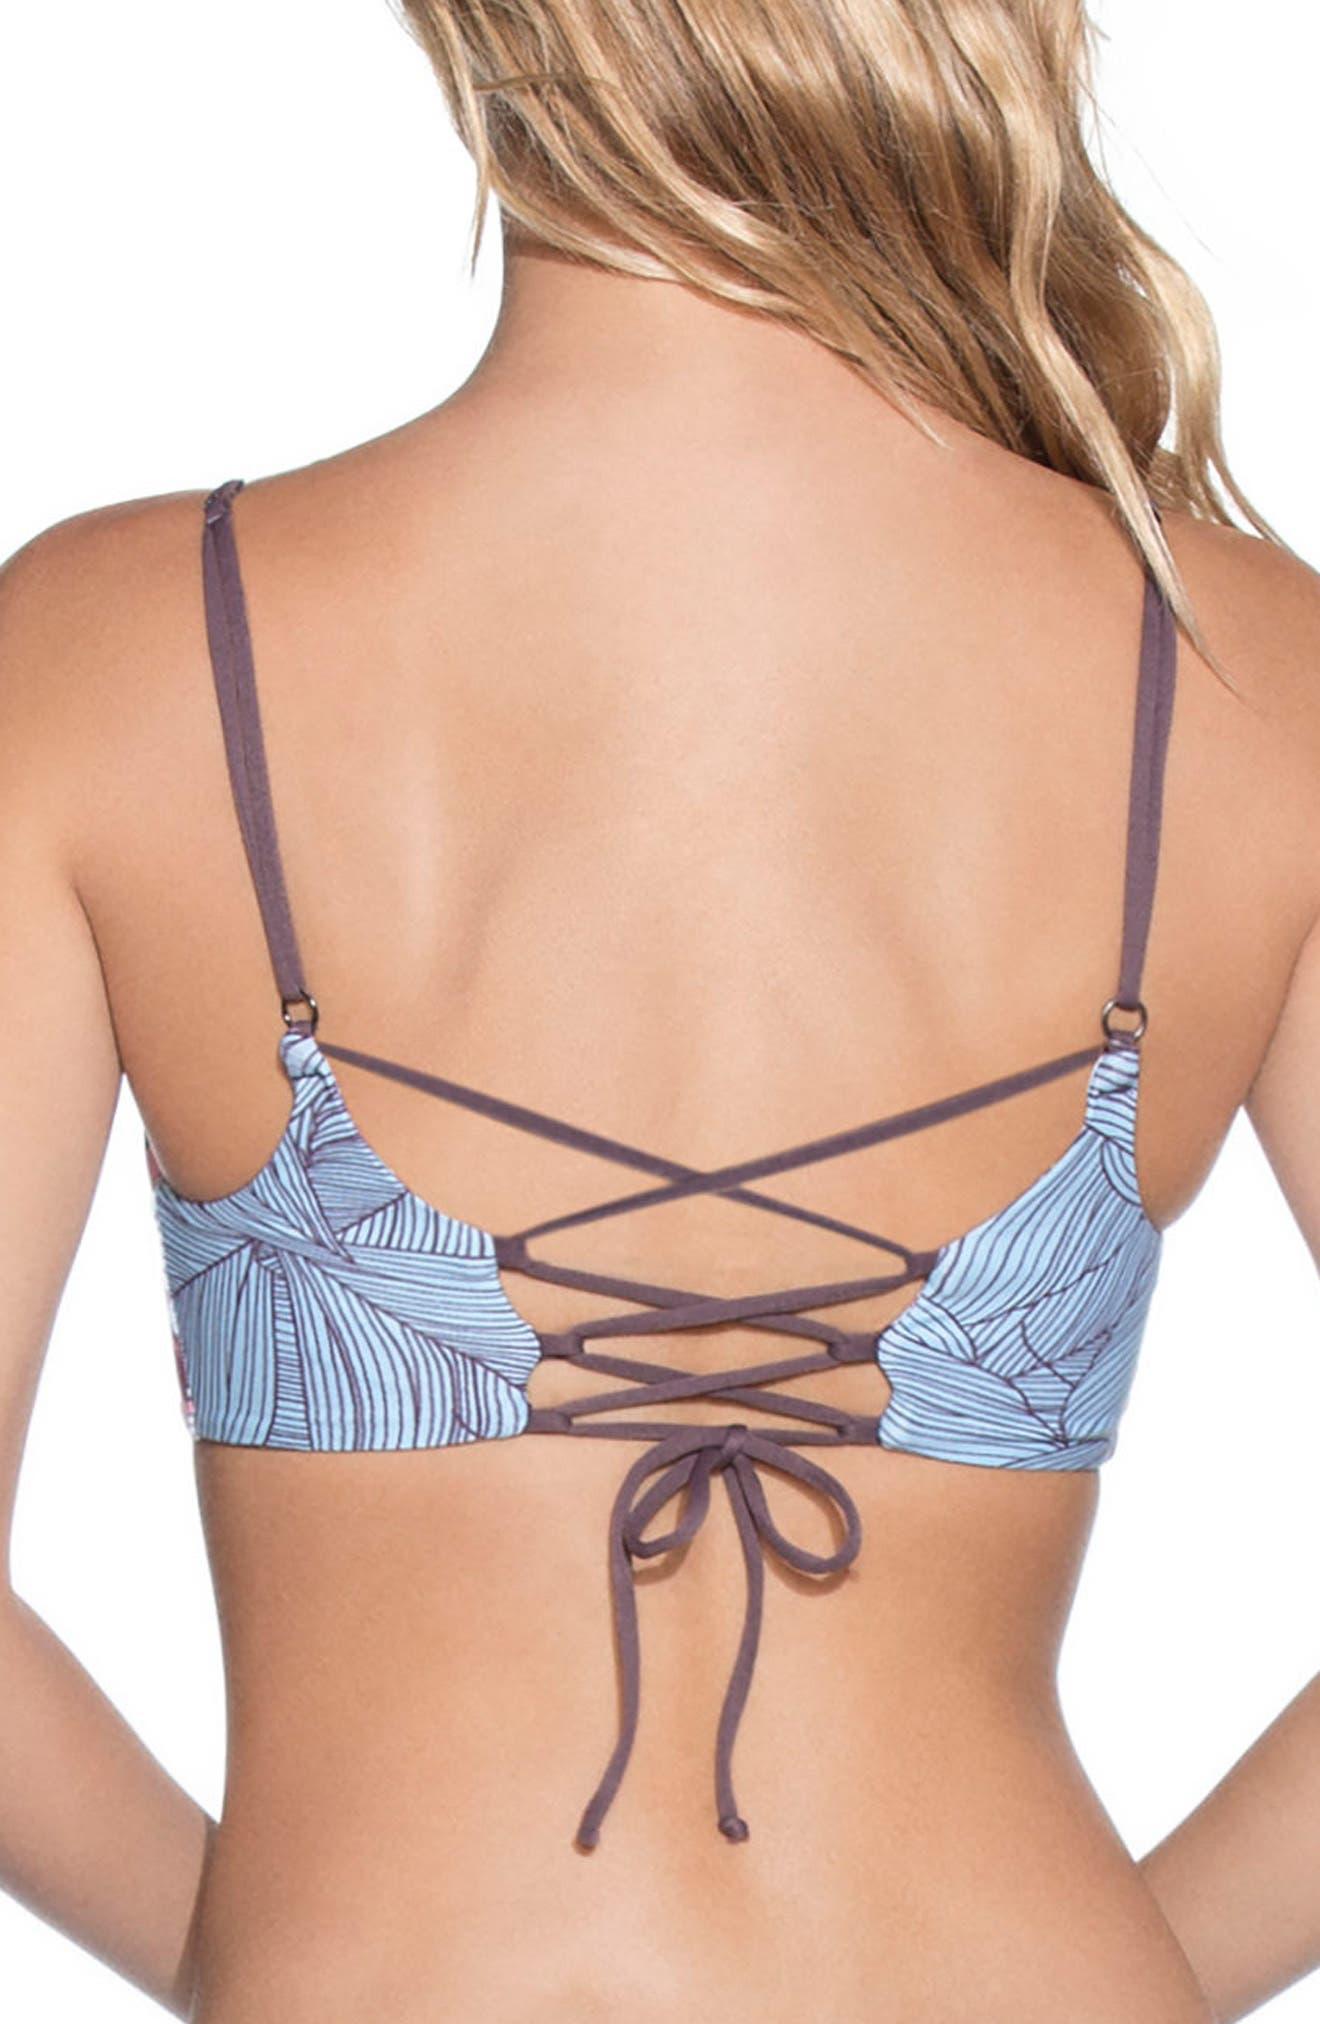 Providence Island Reversible Bikini Top,                             Alternate thumbnail 2, color,                             400